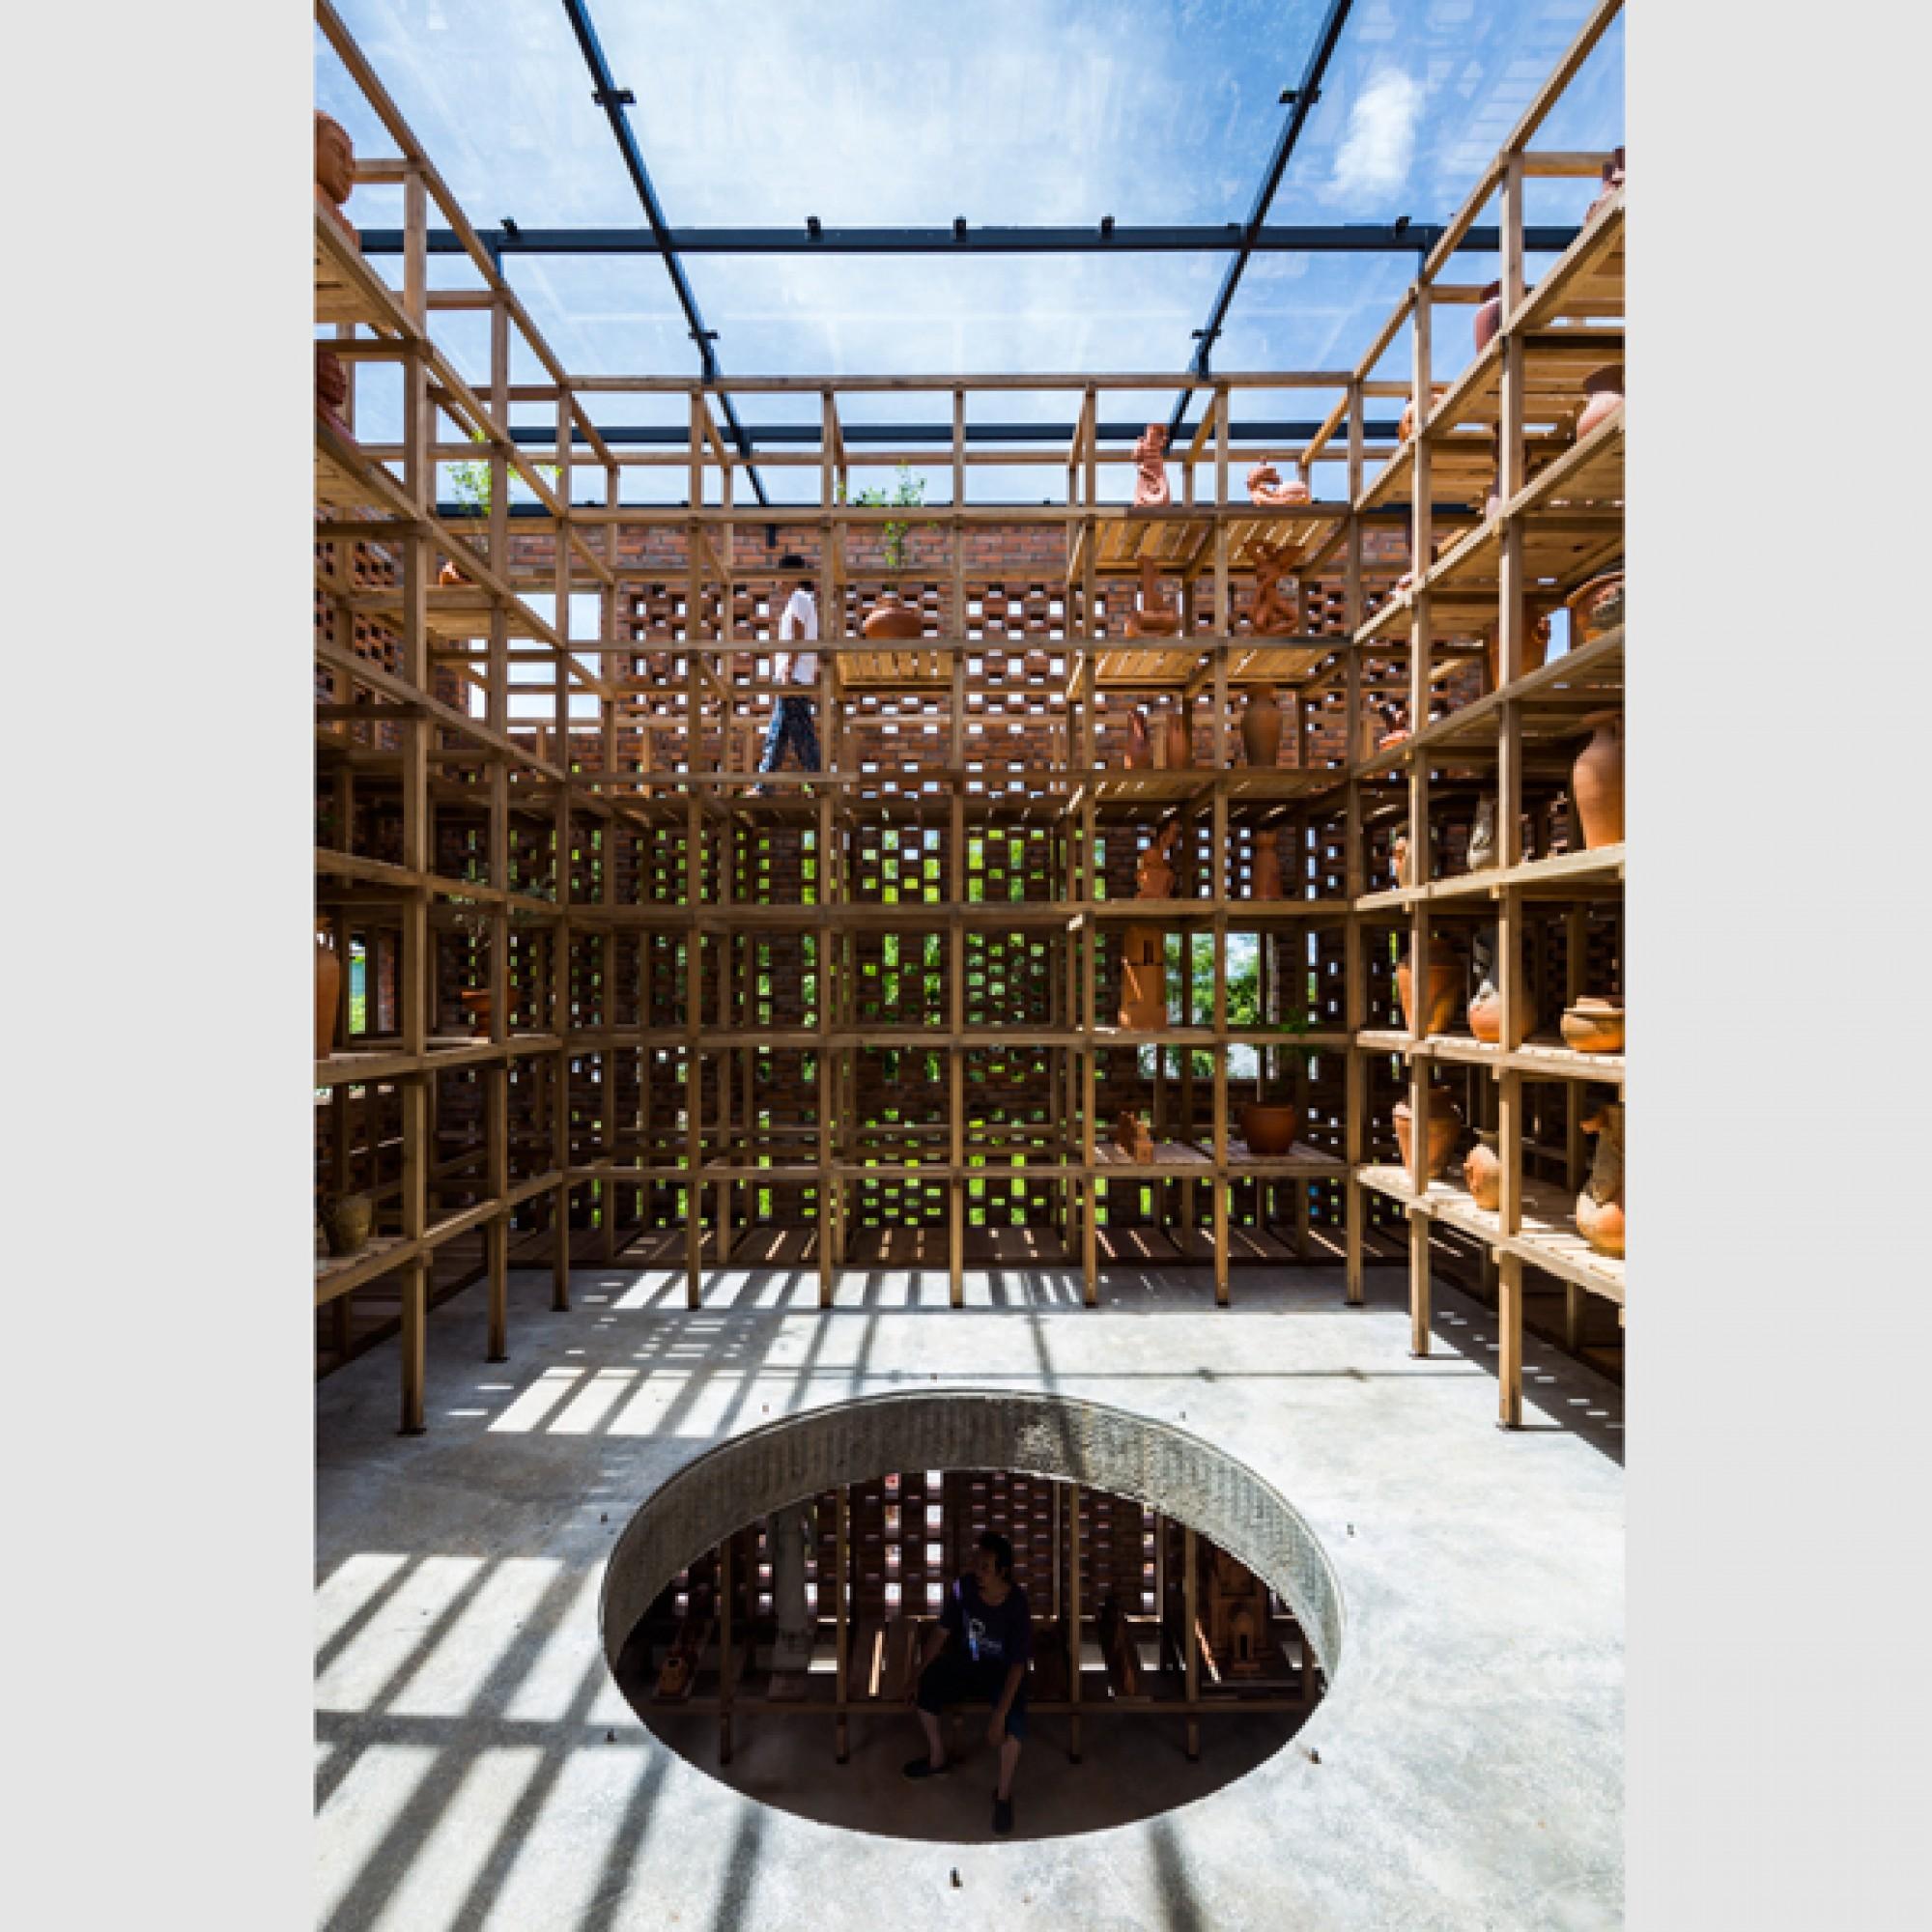 Das Innere ist genauso luftig wie die Fassade.   (Hiroyuki Oki/zvg)